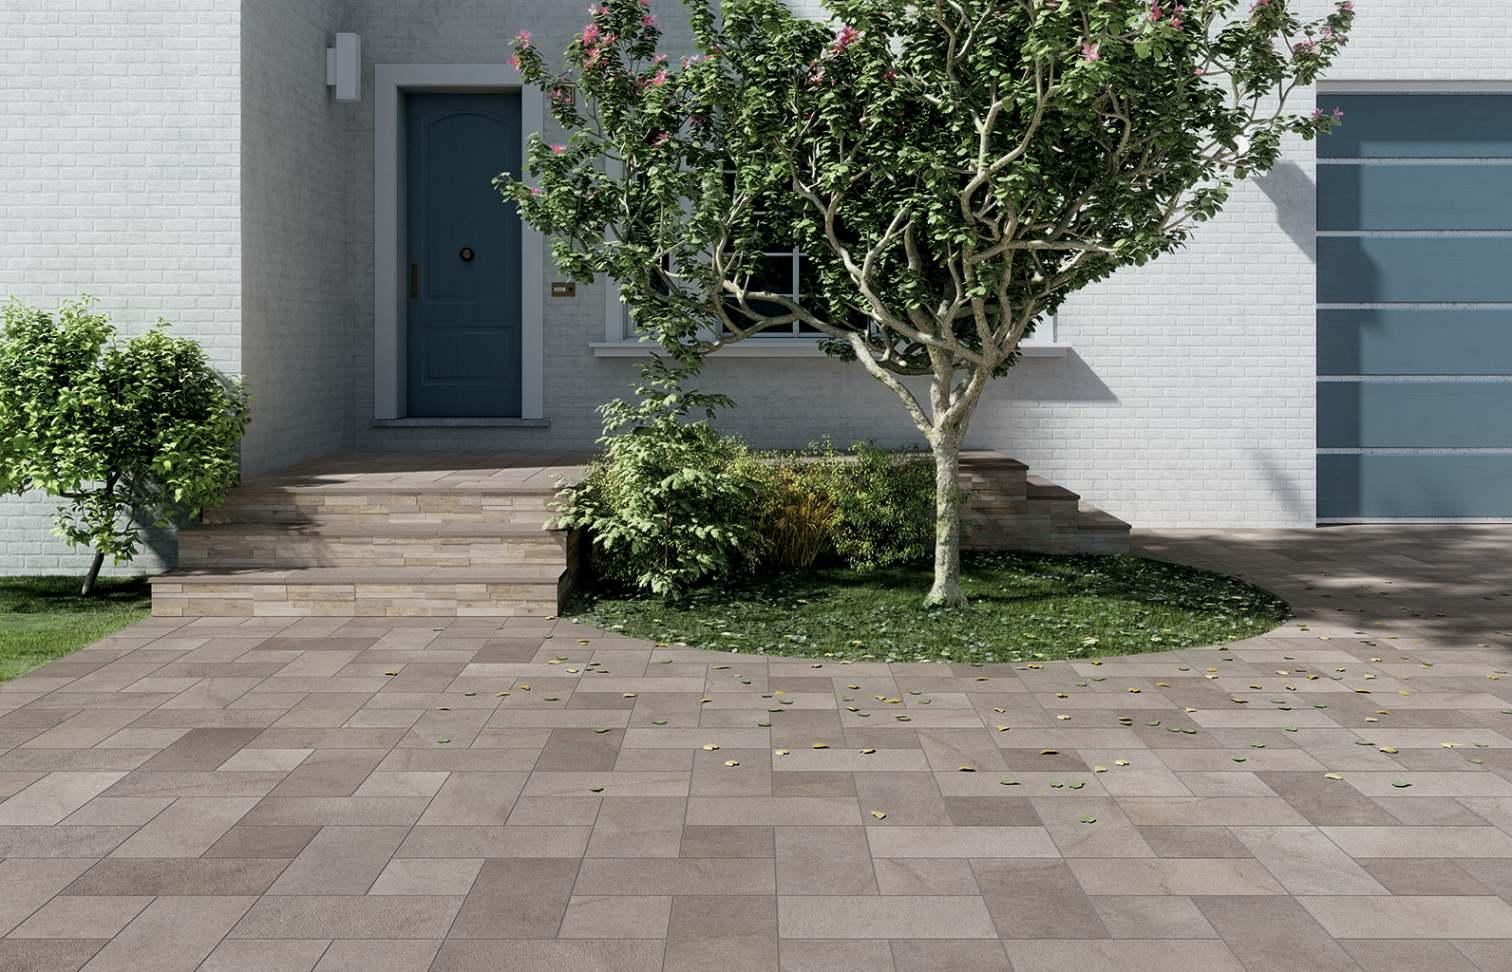 Pavimentazione Giardino In Pietra collezione esprit: pavimenti per esterno effetto pietra elba